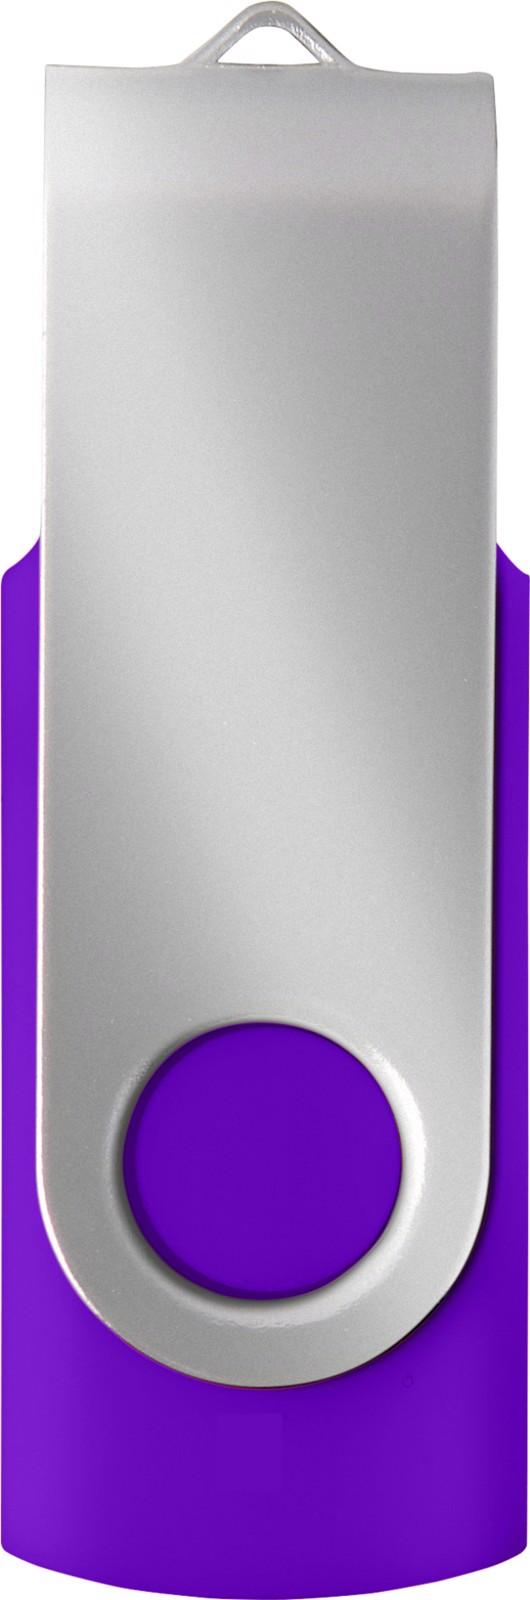 ABS USB drive (16GB/32GB) - Purple